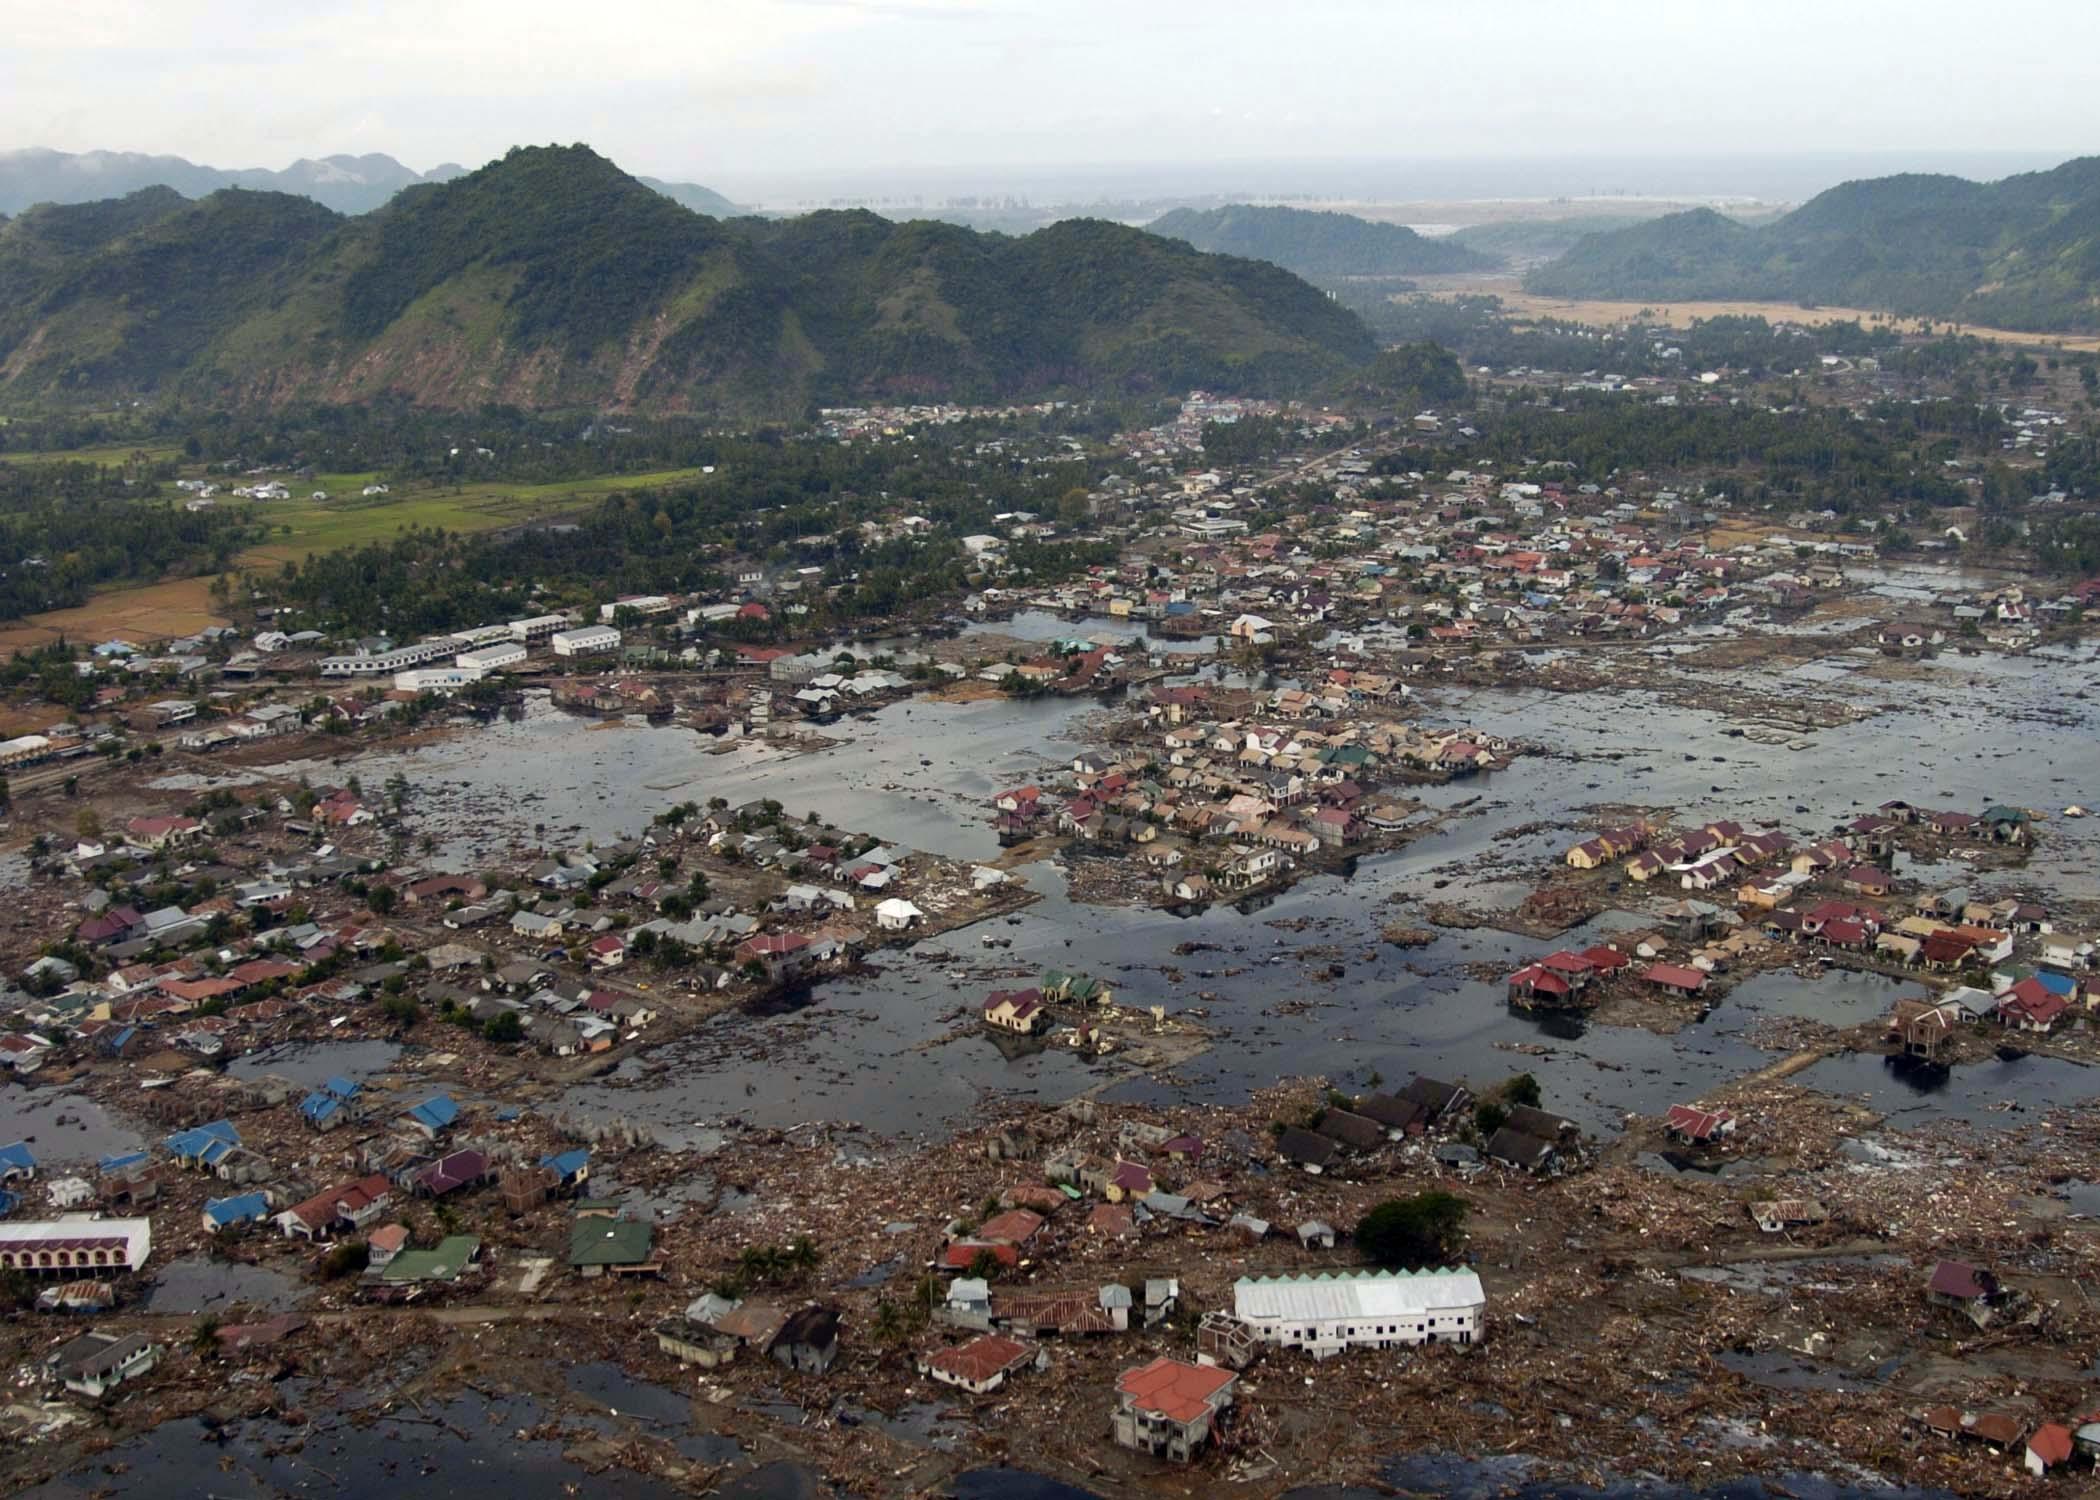 Деревня в руинах недалеко от побережья Суматры после цунами, вызванному подводным землетрясением в Индийском океане 26 декабря 2004 года. В результате цунами погибло в общей сложности от 225 тысяч до 300 тысяч человек. U.S. Navy photo by Photographer's Mate 2nd Class Philip A. McDaniel. 02.01.2005